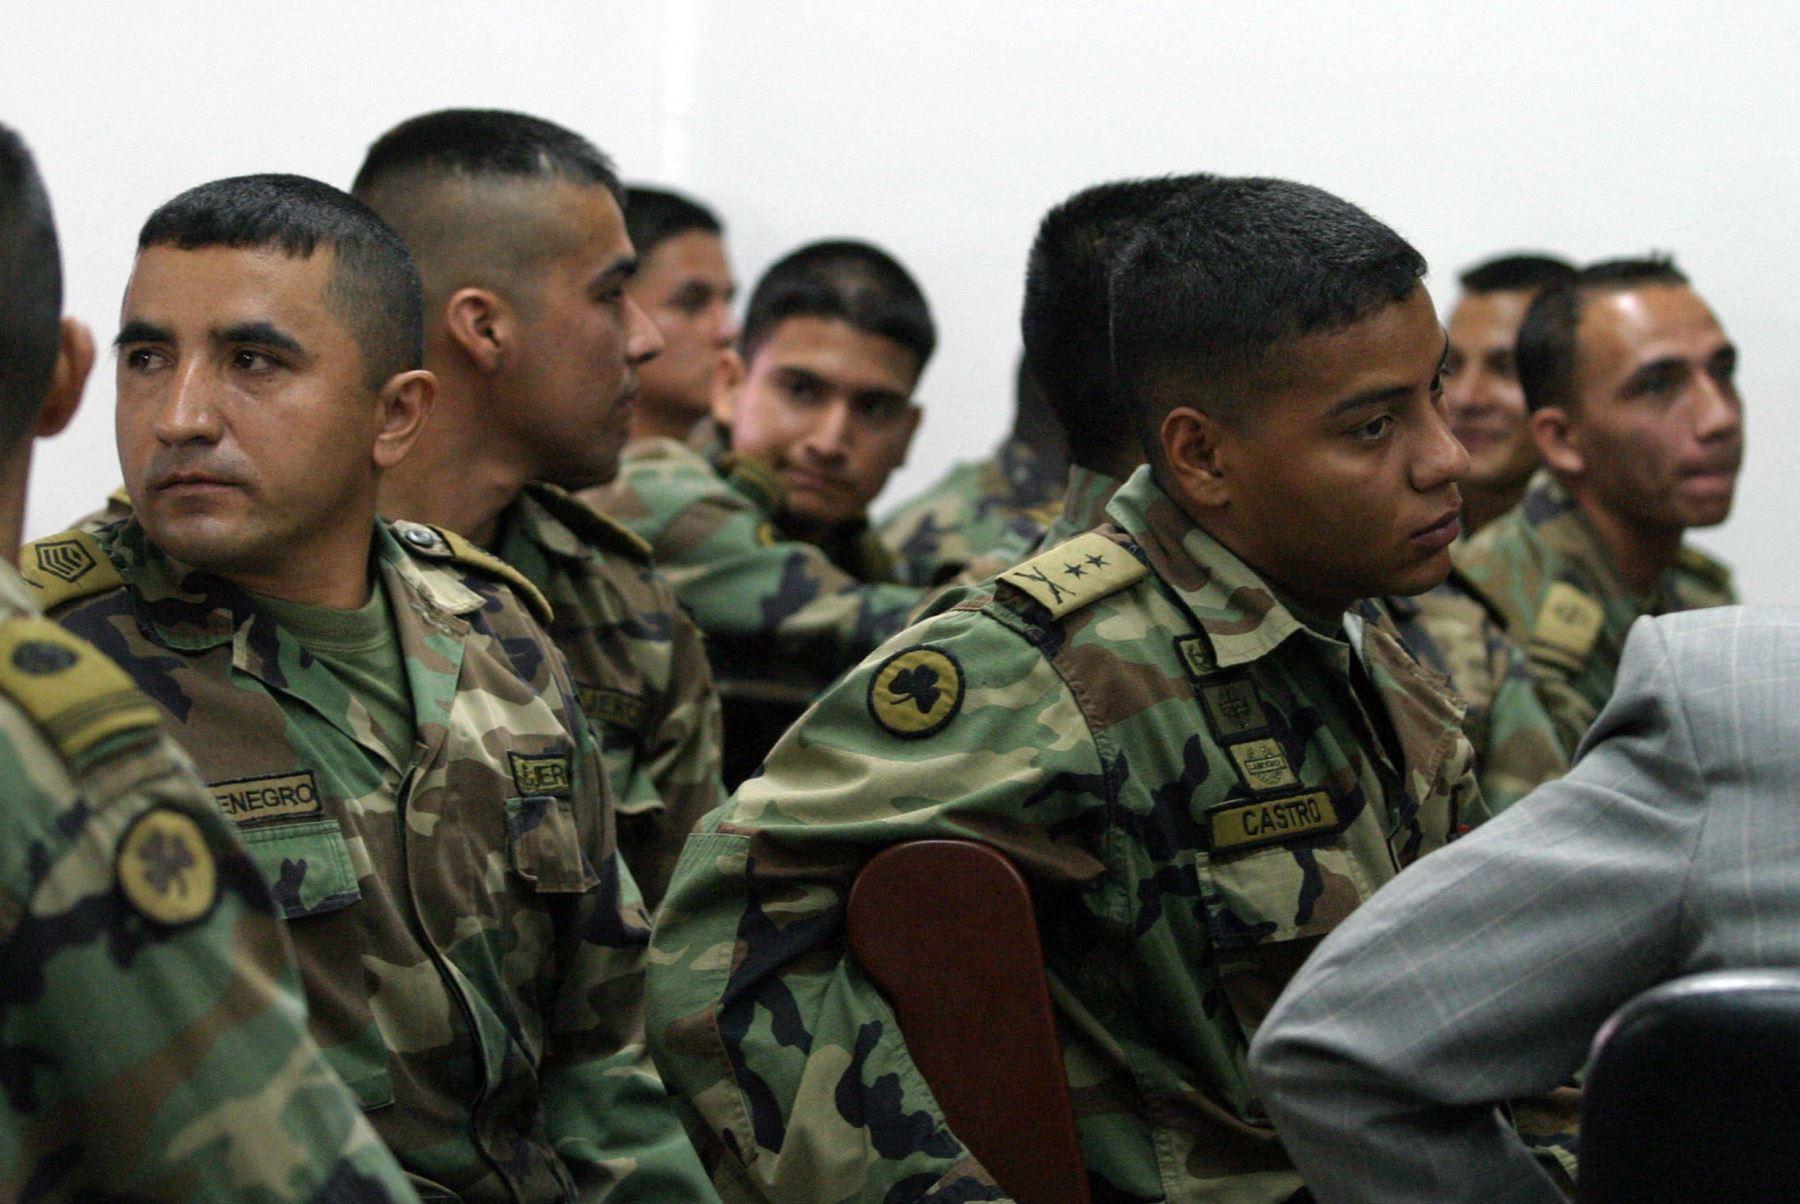 25 militares colombianos deberán responder por centenares de asesinatos de civiles